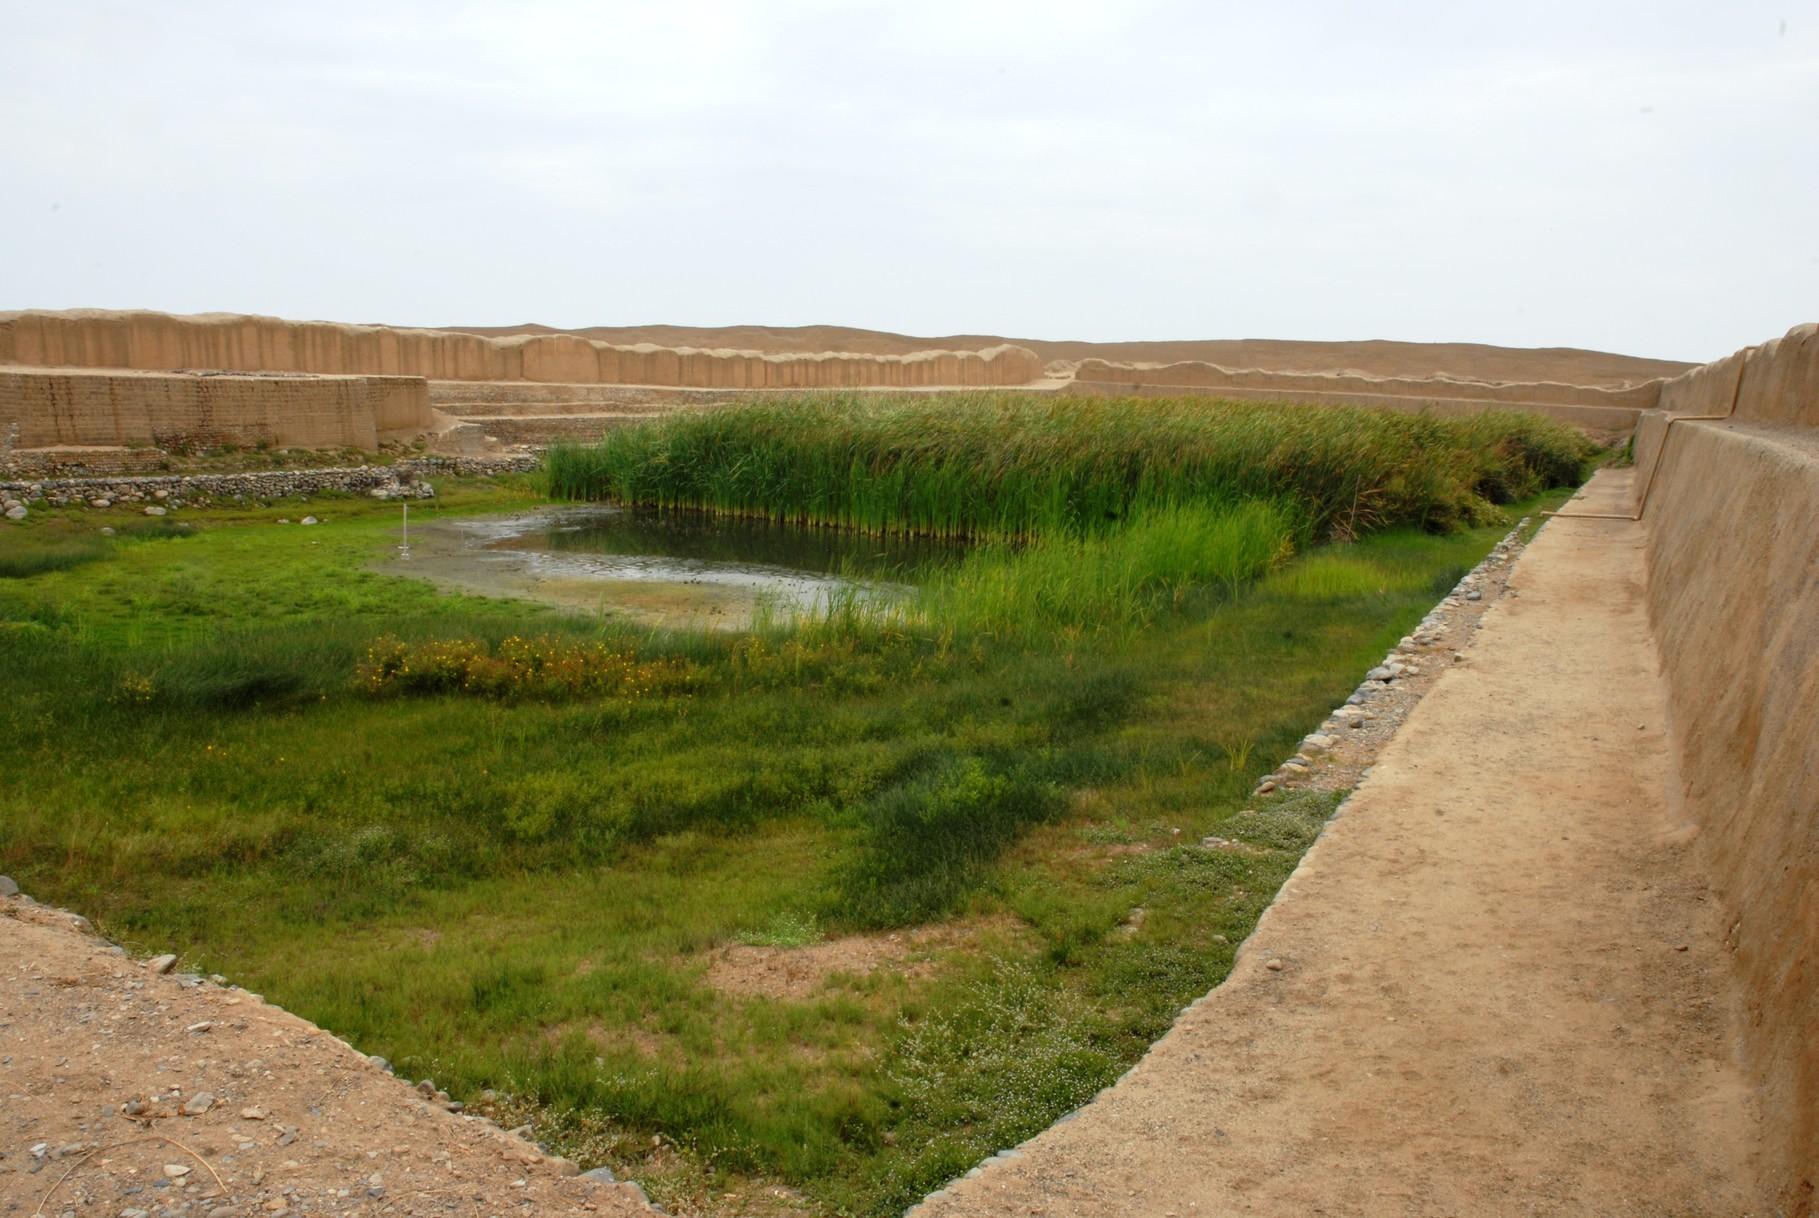 Die 130 x 45 m großen Wasserbecken (Zisterne und zugleich Opferplatz)